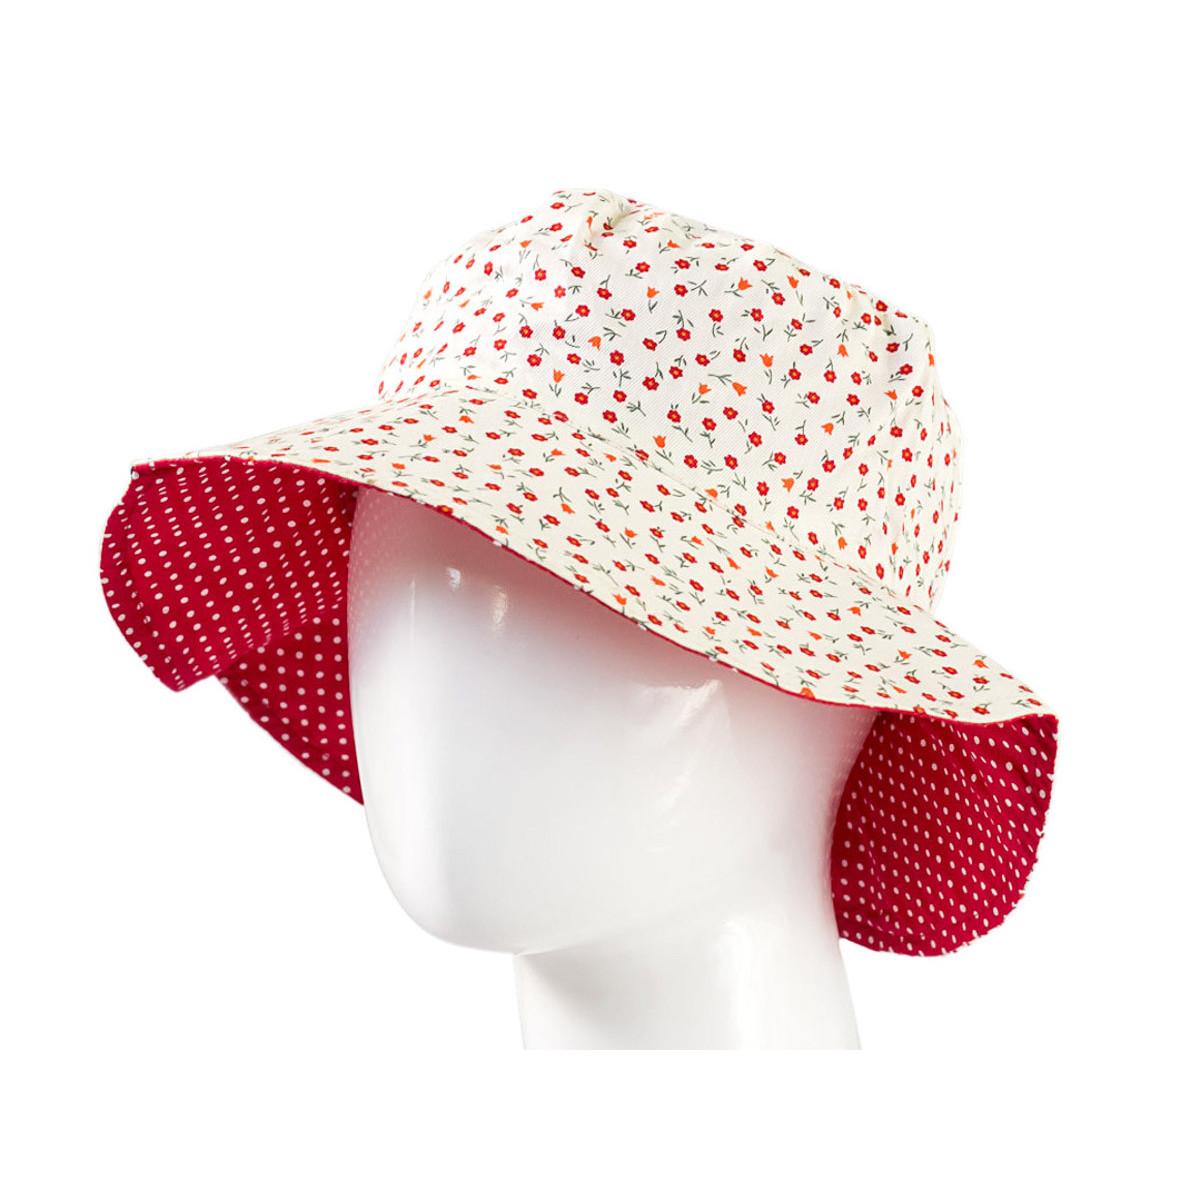 Chapeau coton réversible enfant 1-8 ans rouge et blanc à fleurs